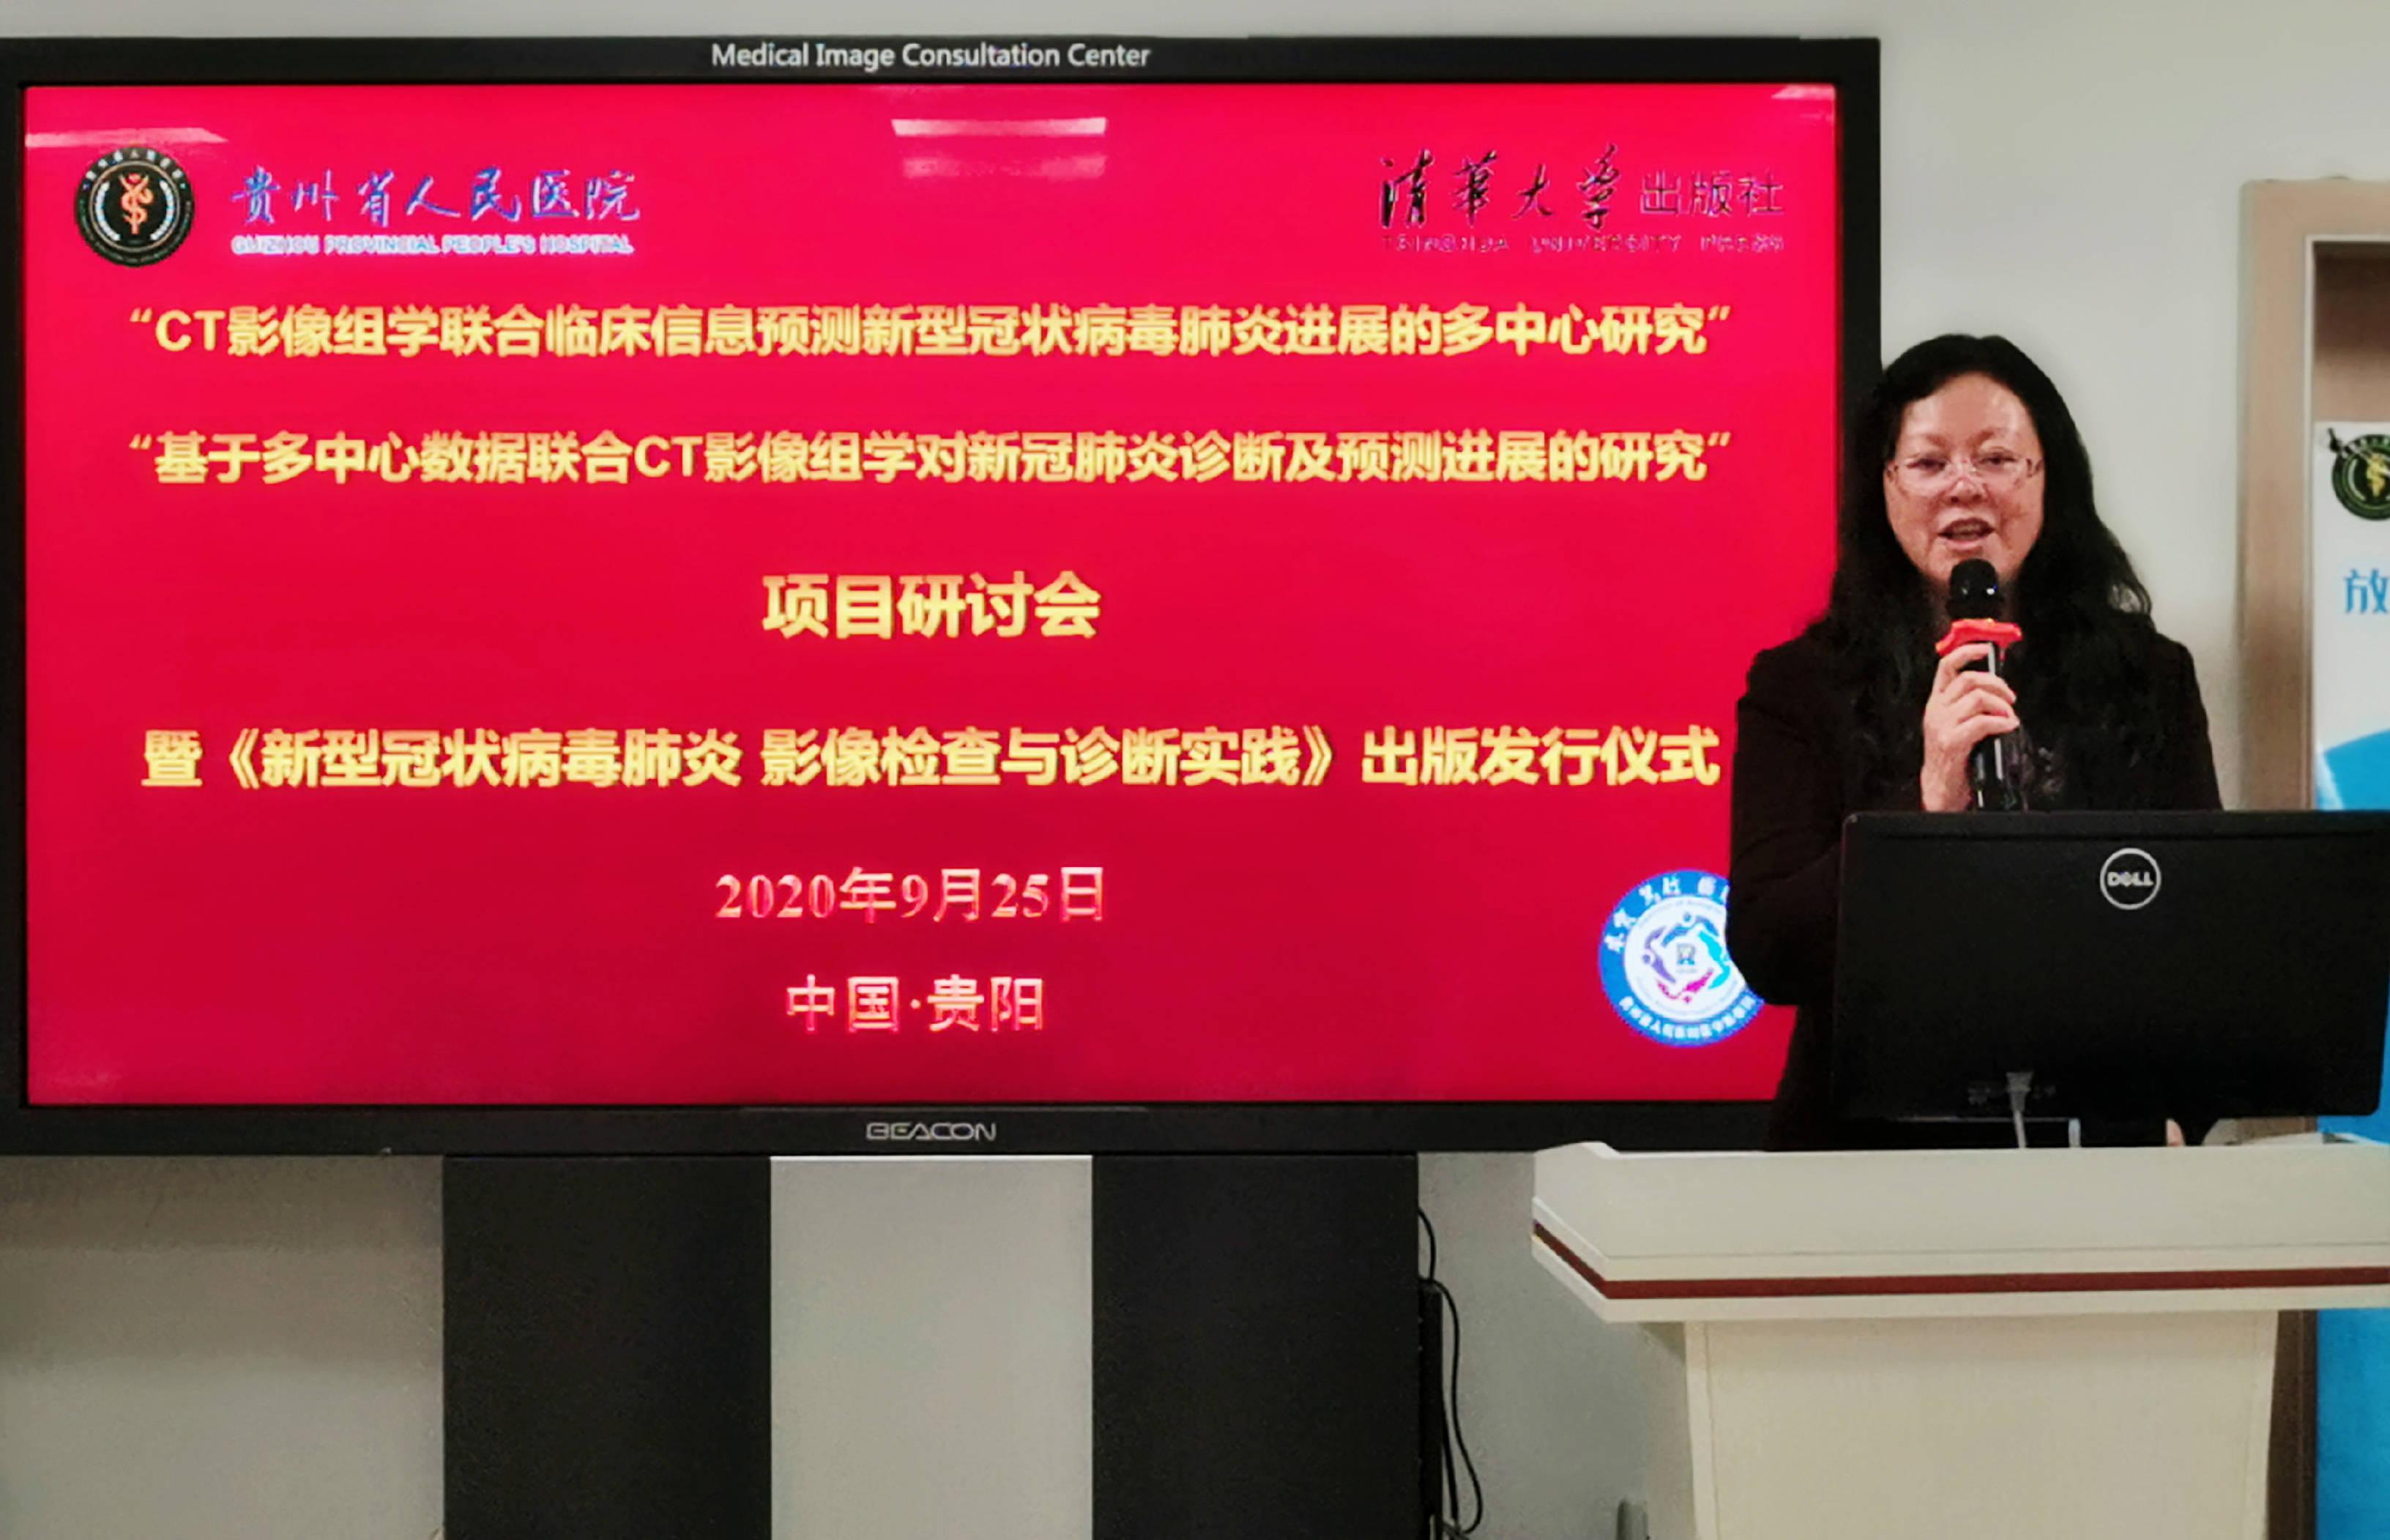 深睿医疗携手贵州省人民医院, 发布新冠肺炎多中心研究成果